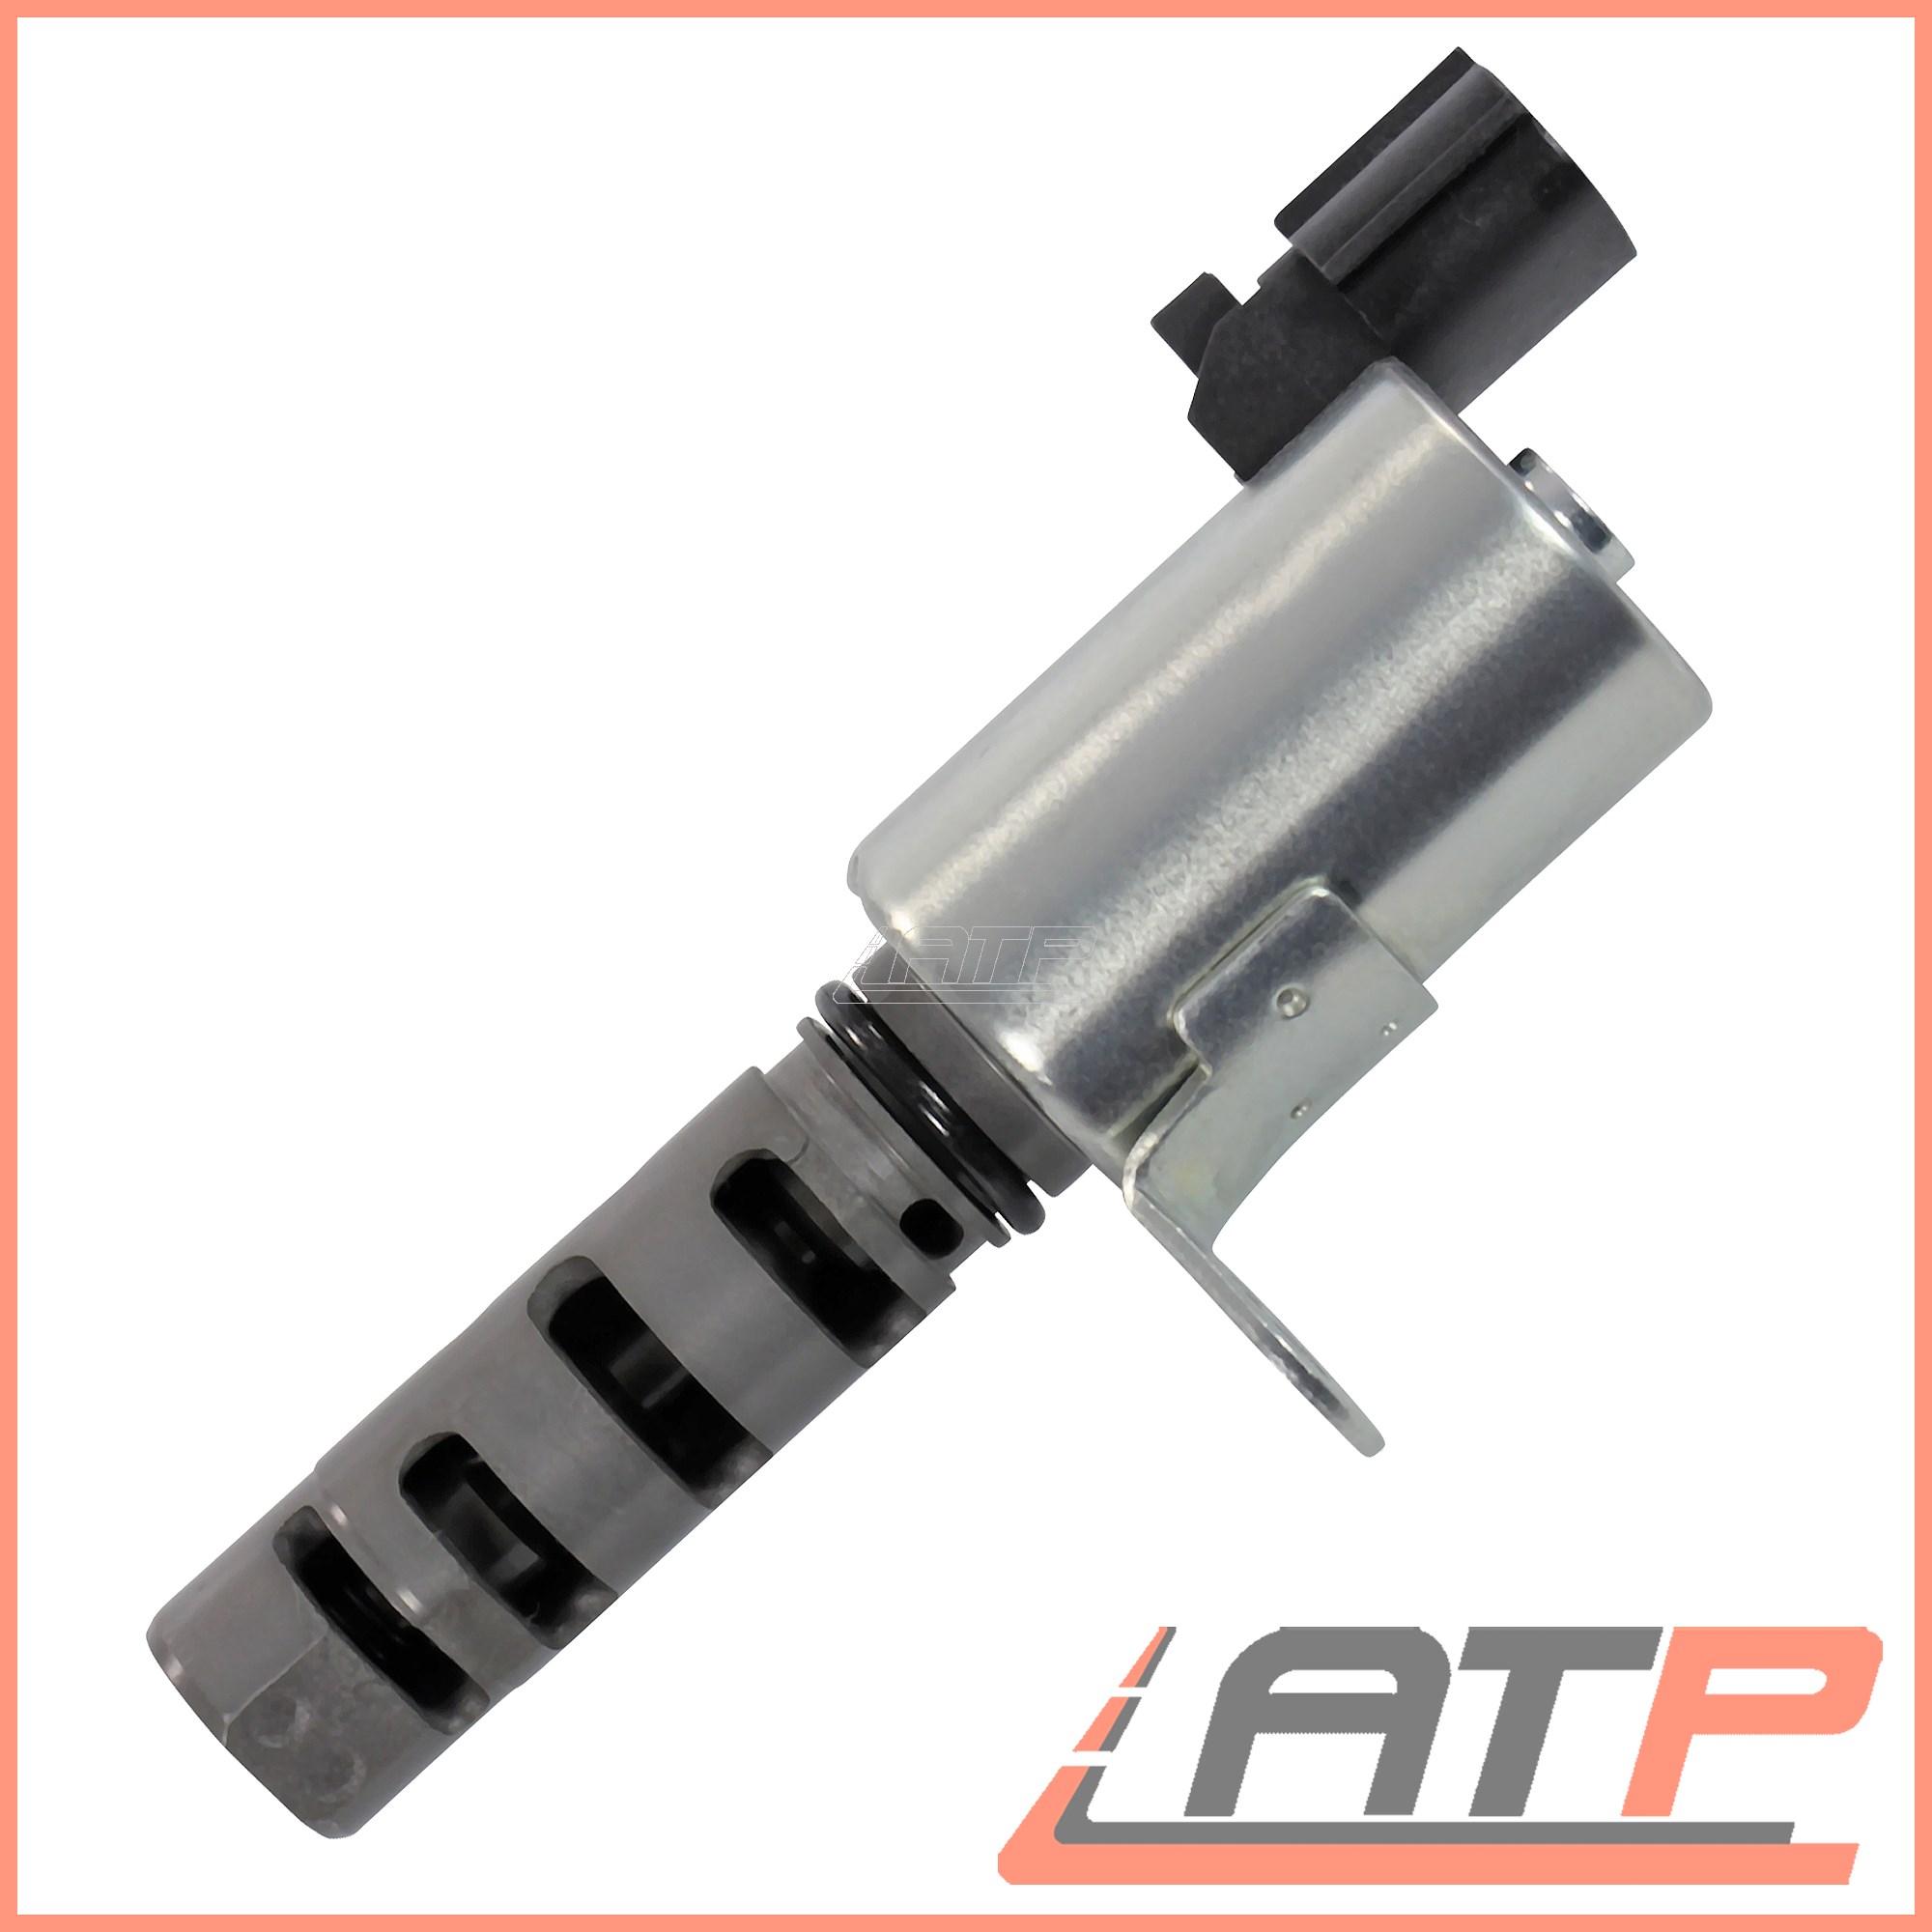 Solenoide-valvula-de-control-de-ajuste-del-arbol-de-levas-1X-Toyota-Avensis-T22-2-0-00-03